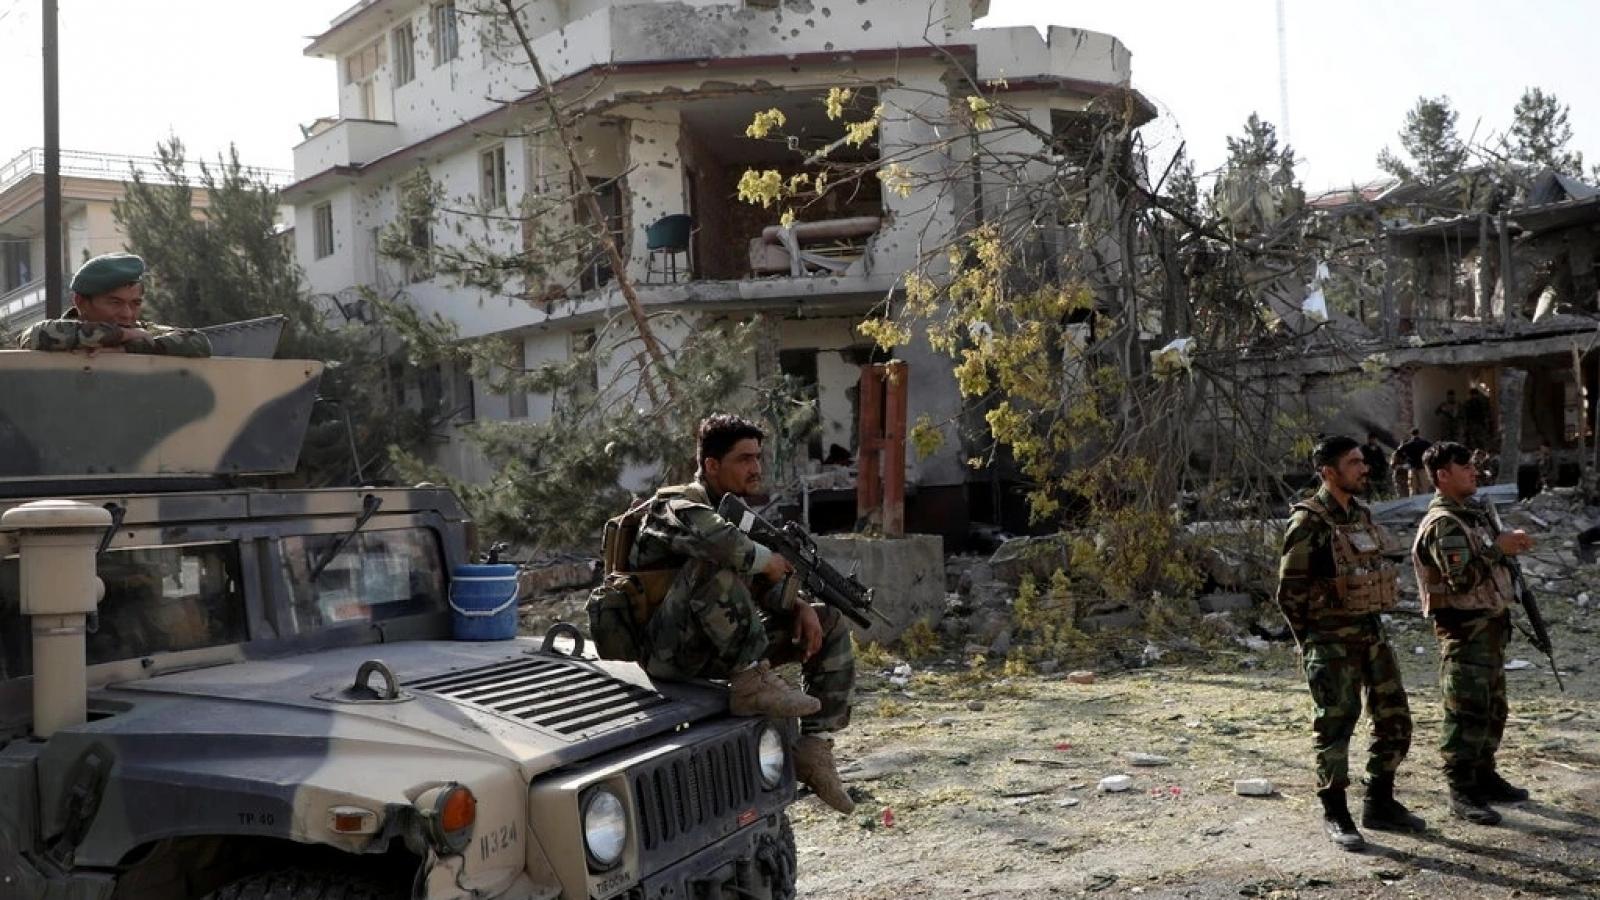 Mỹ yêu cầu Taliban không đánh Đại sứ quán Mỹ trong trận chiến sắp tới ở thủ đô Afghanistan